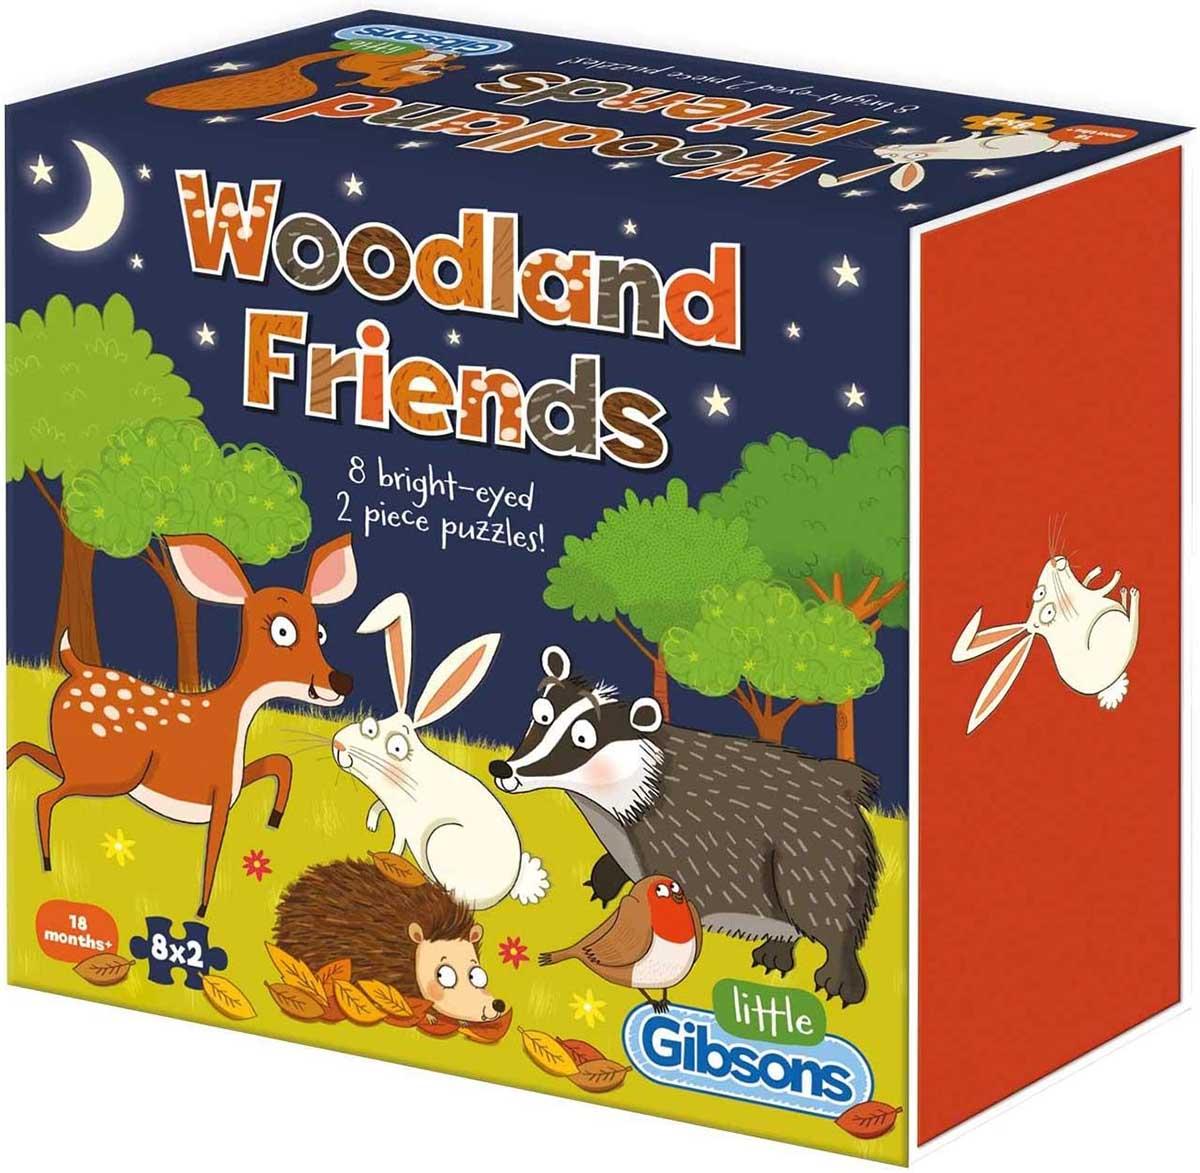 Woodland Friends Animals Children's Puzzles